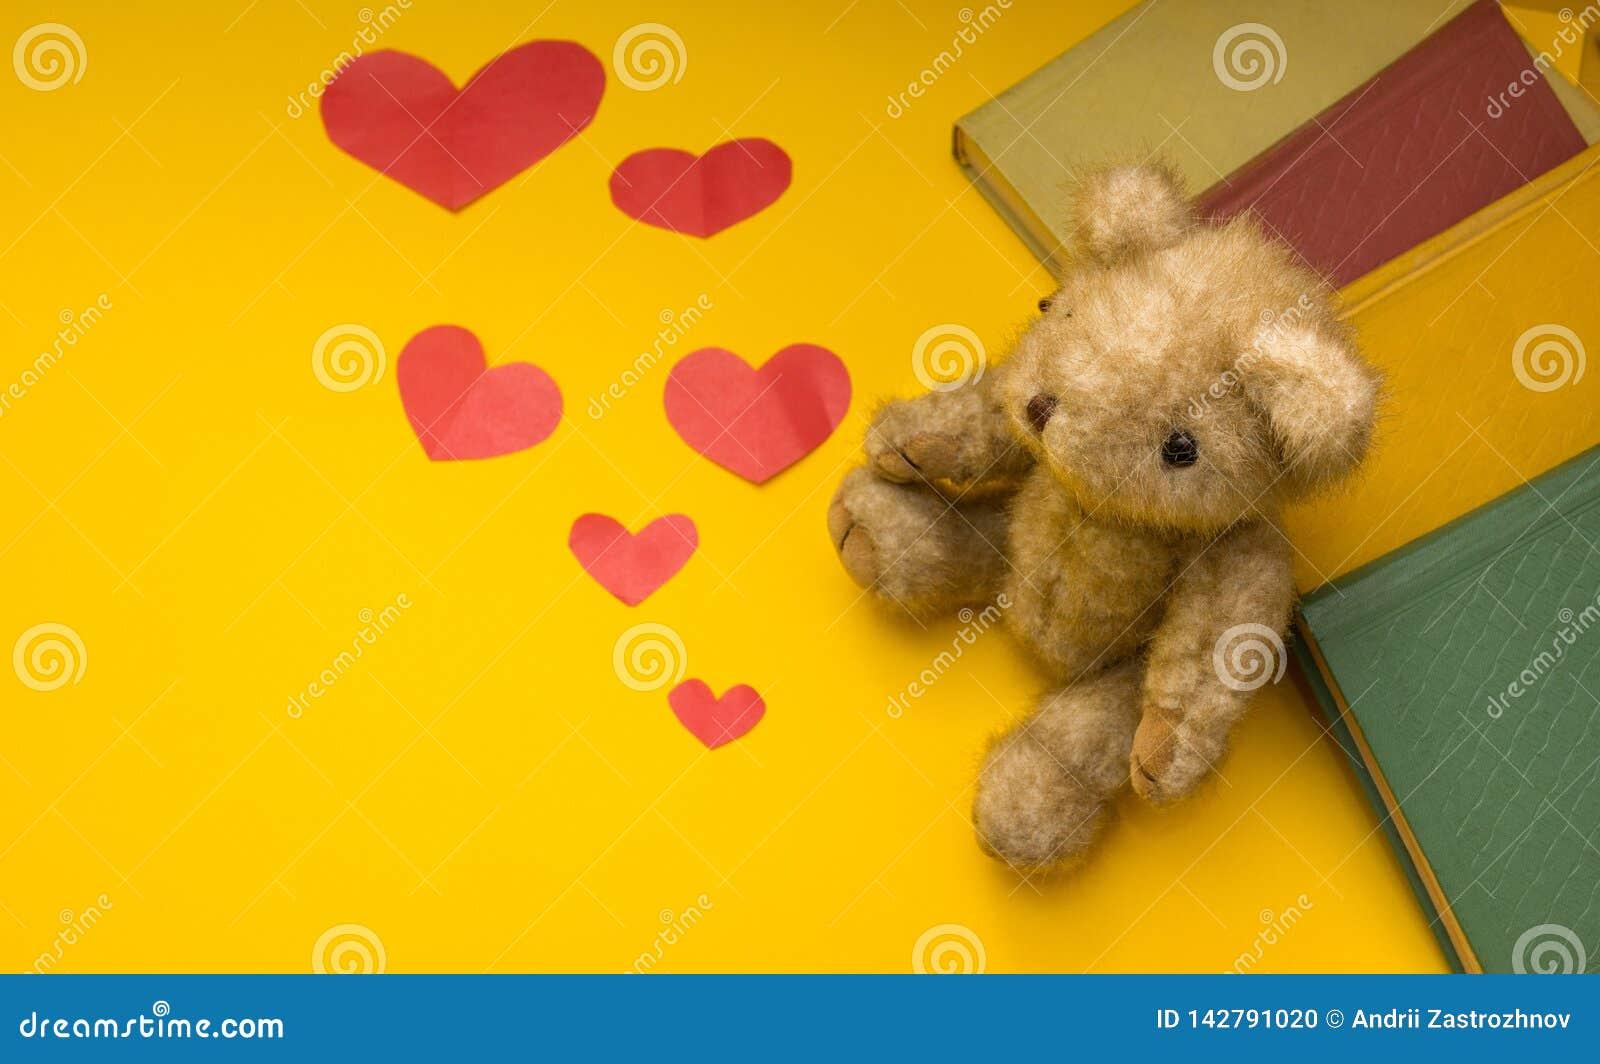 Un oso de peluche se sienta cerca de los libros en un fondo amarillo de corazones dispersados